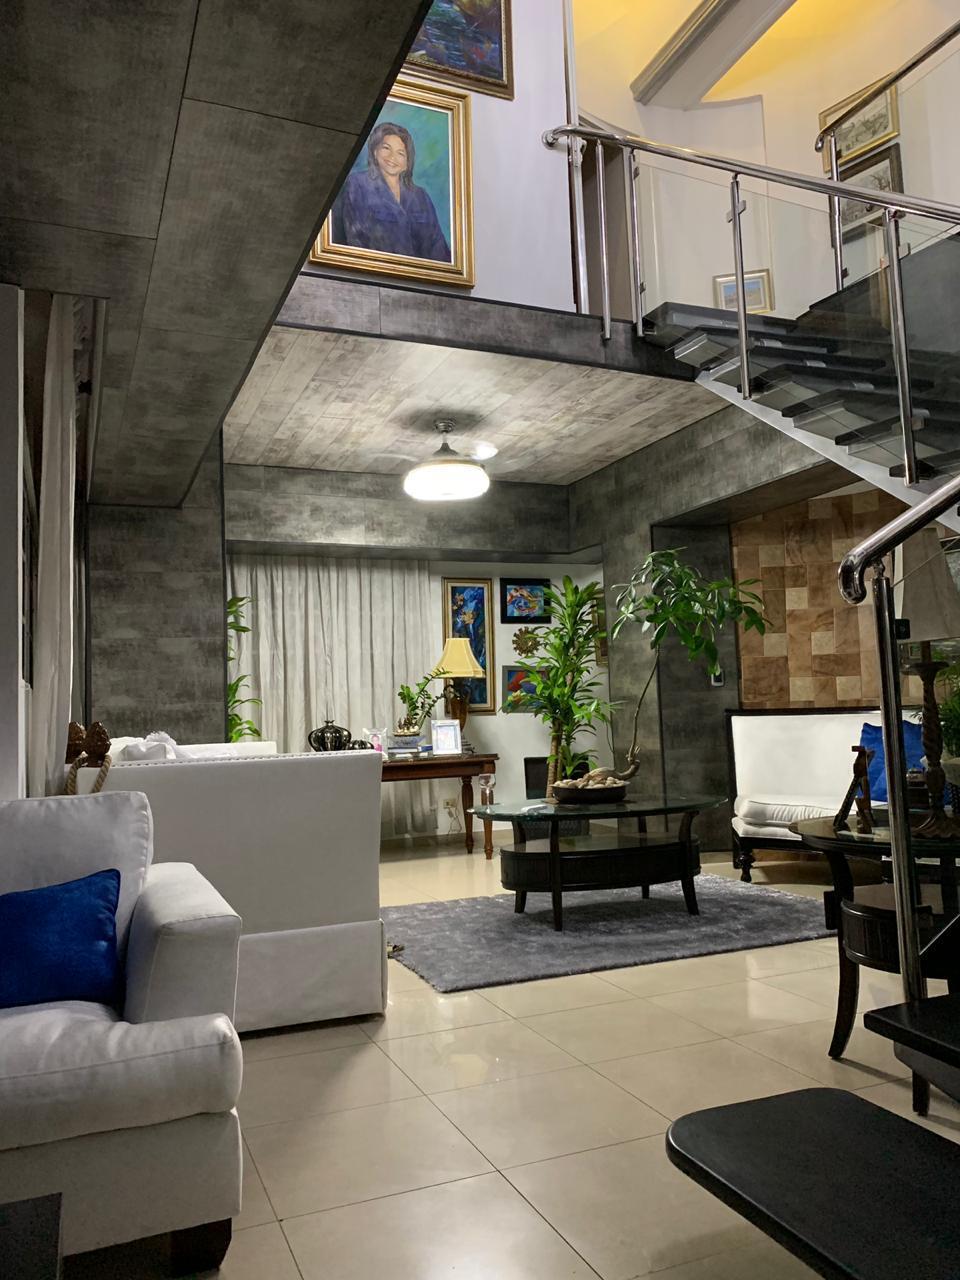 Penthouse en venta en el sector MIRADOR NORTE precio RD$ 11,200,000.00 RD$11,200,000